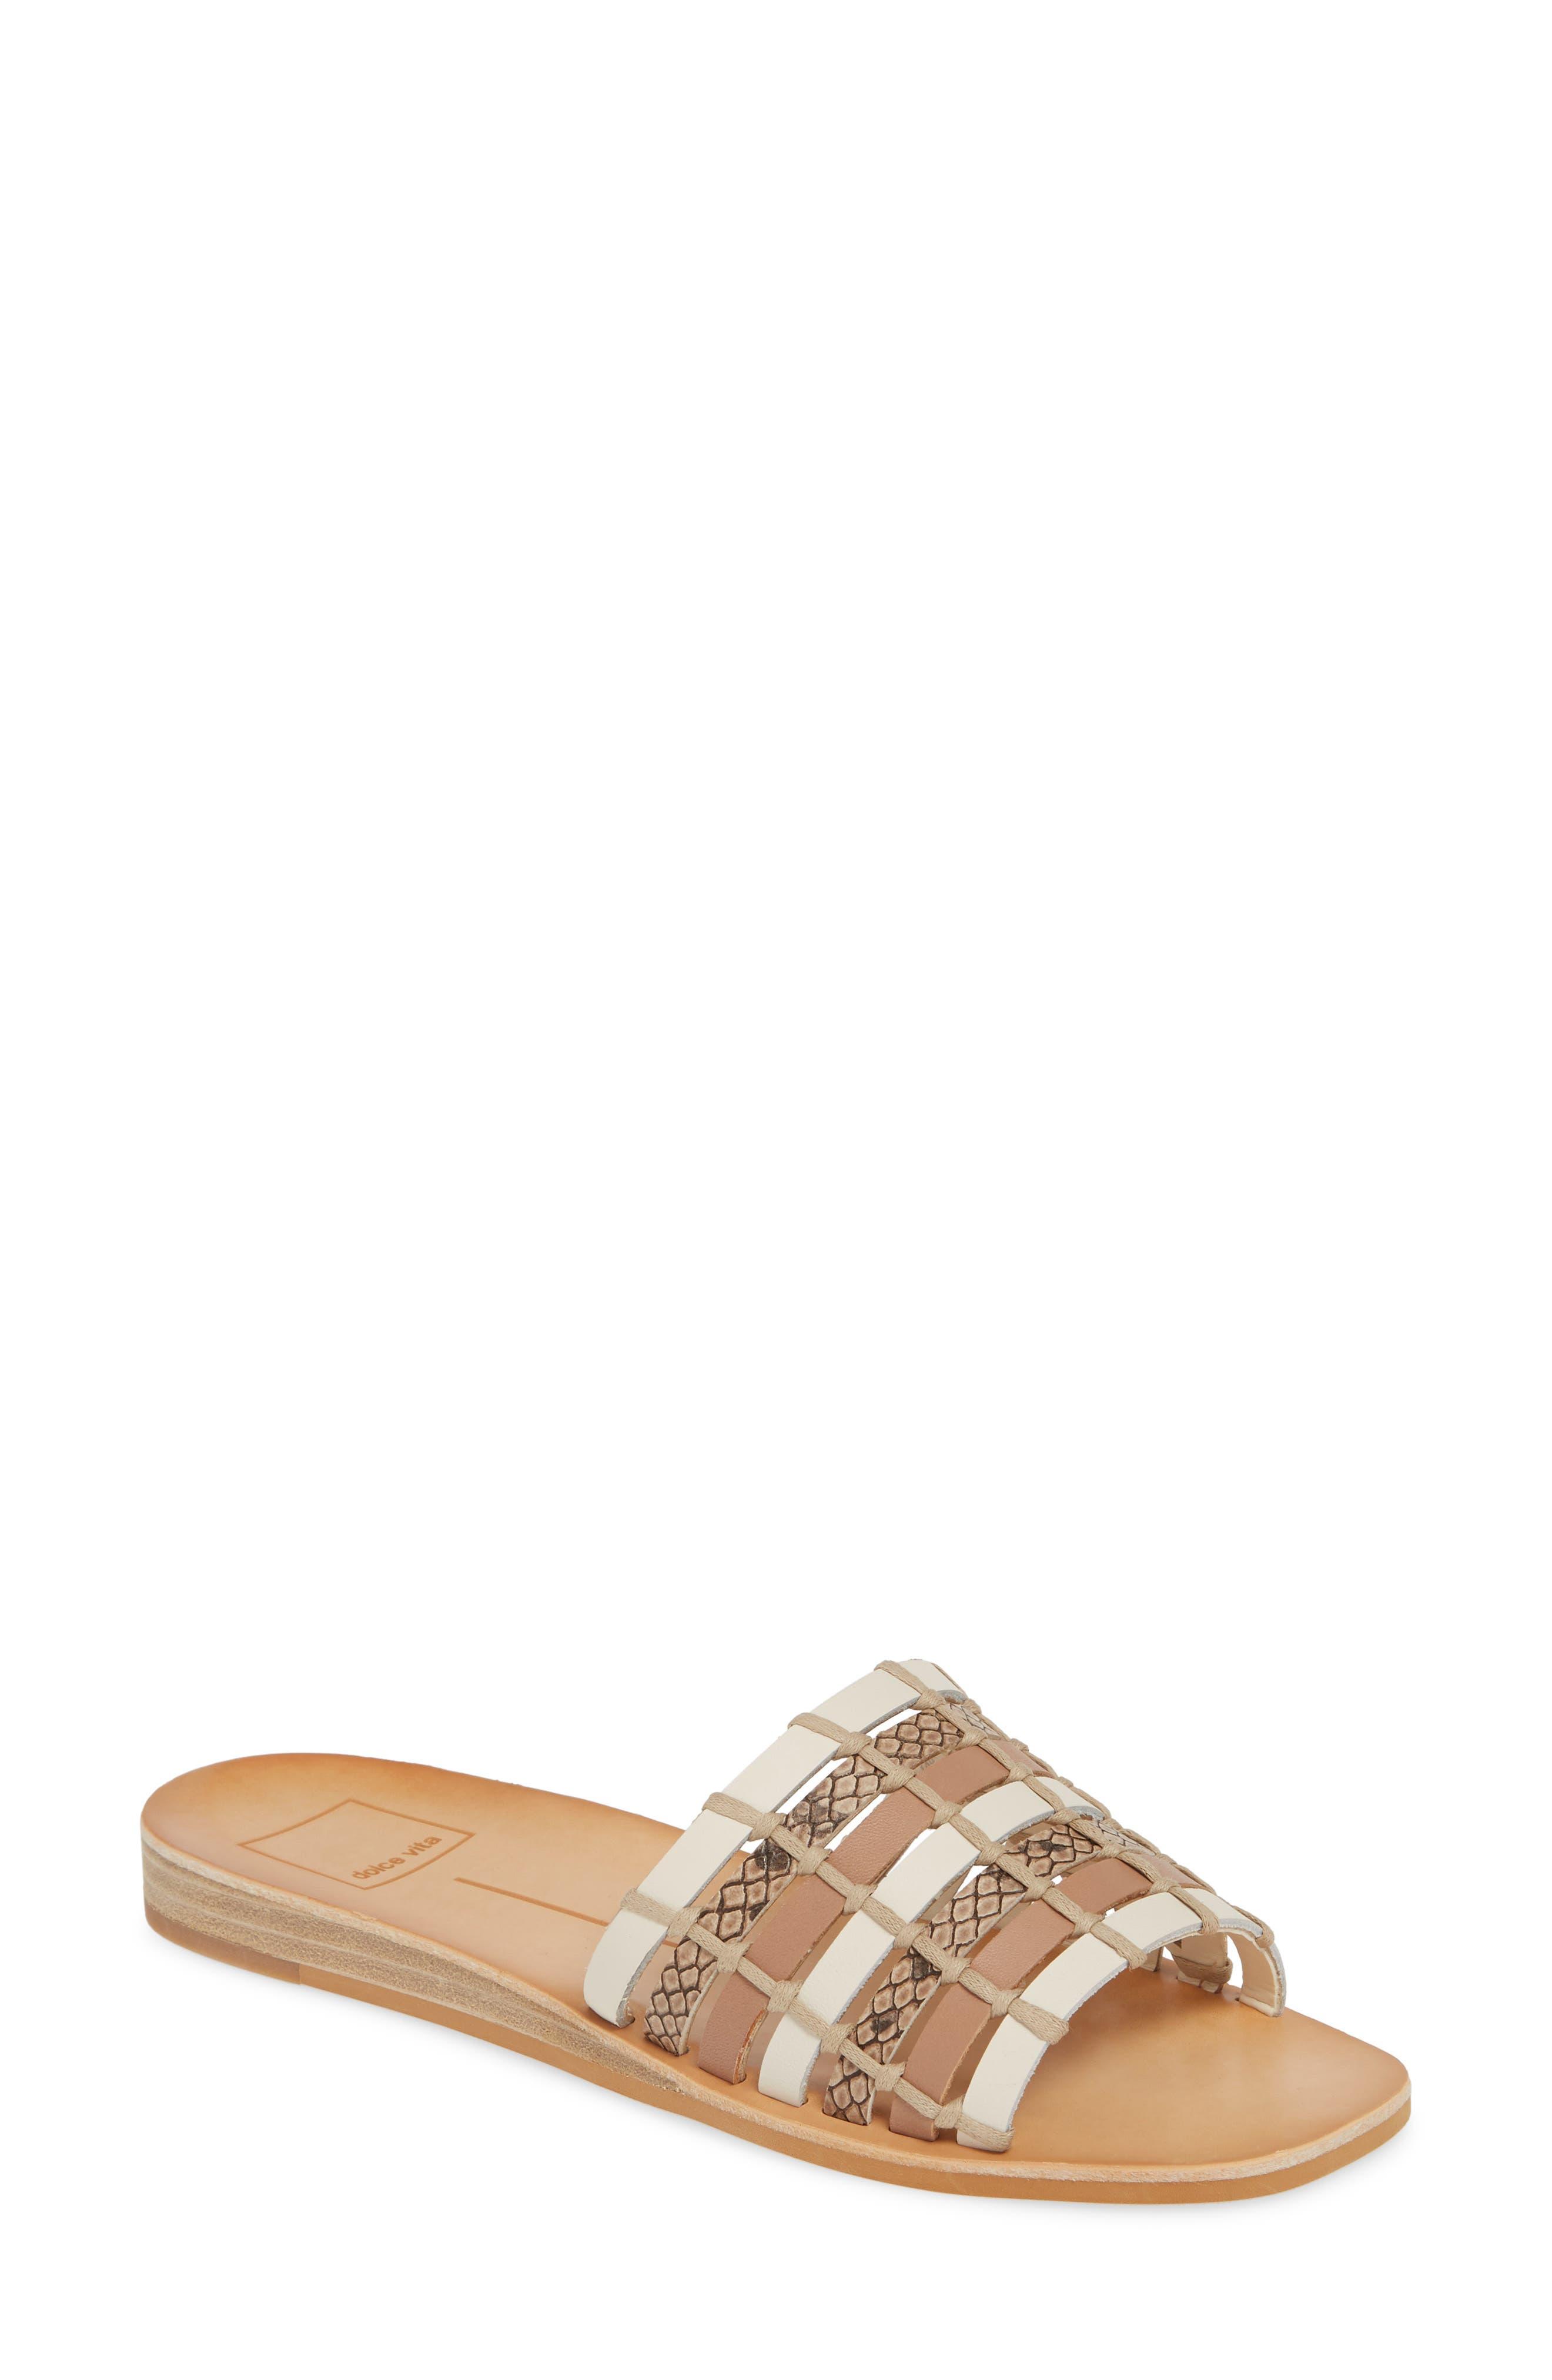 Dolce Vita Colsen Slide Sandal, Brown